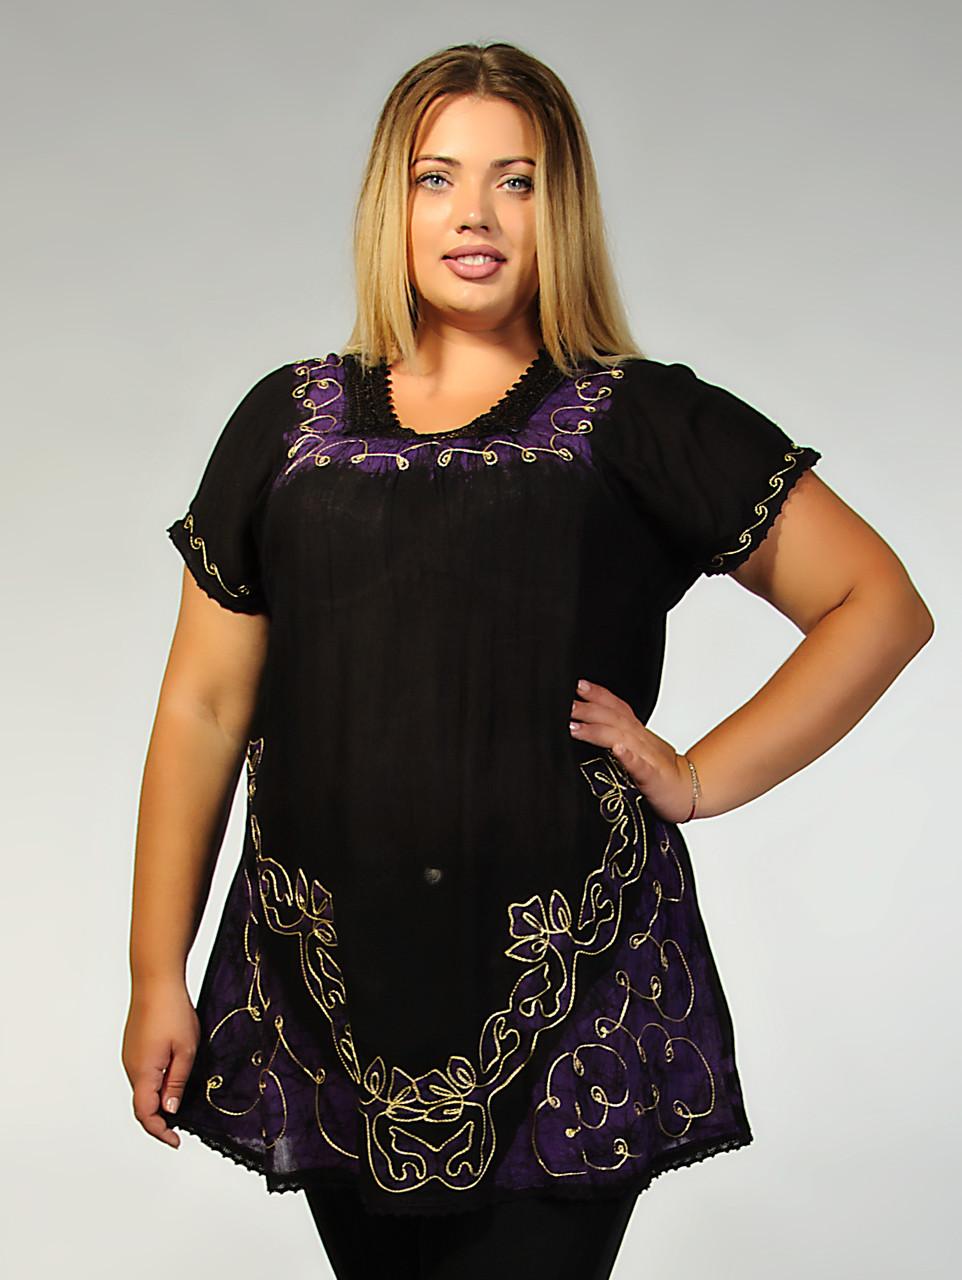 Блузка женская черная с фиолетовым батиком, батал, размер свободный, на 52-62 размеры, фото 1